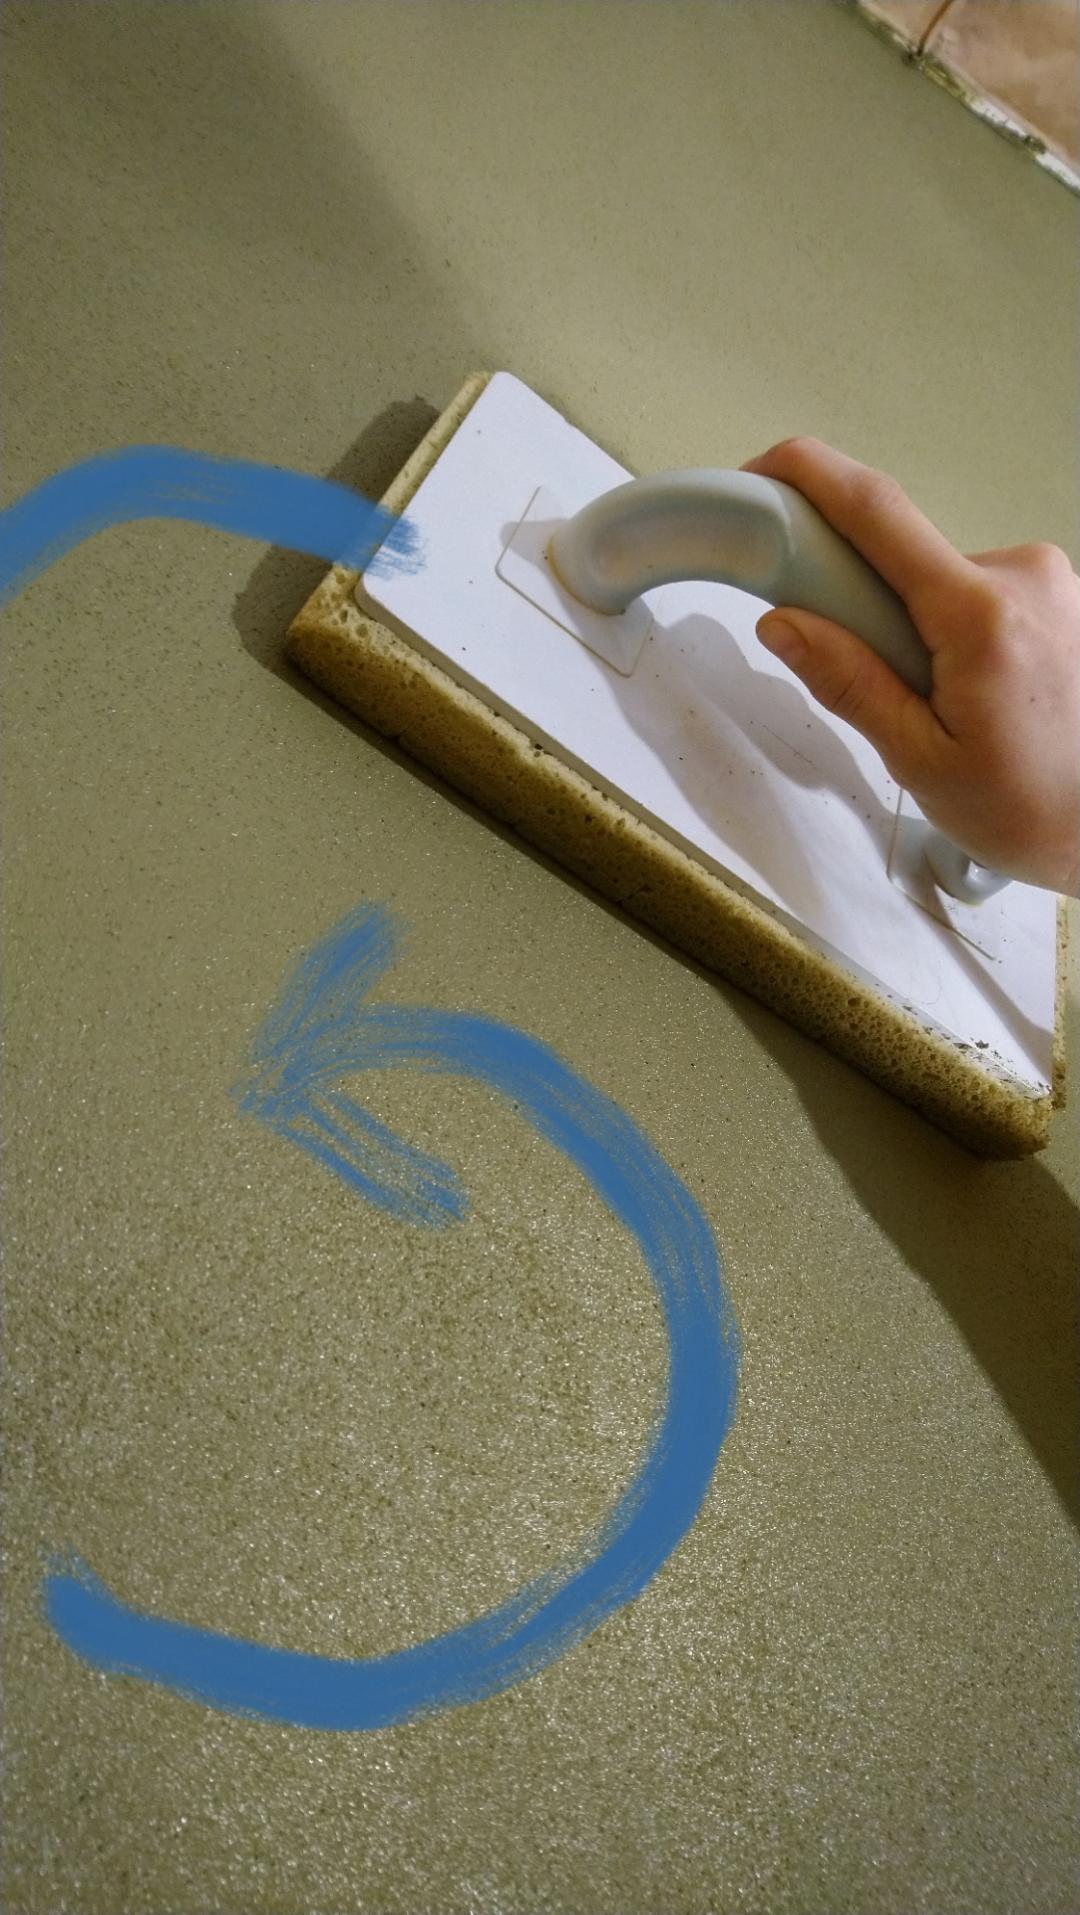 Hlinené omietky - Šúchame mokrým penovým hladítkom ktoré priebežne vymývame vo vode, veľkými krúživými pohybmi. Jedno miesto prejdeme max 2 - 3 krát, hlina sa veľmi rýchlo zašucha a vzniknú nepekne flaky, ktoré už nejdú opraviť, iba natiahnuť znova celú stenu